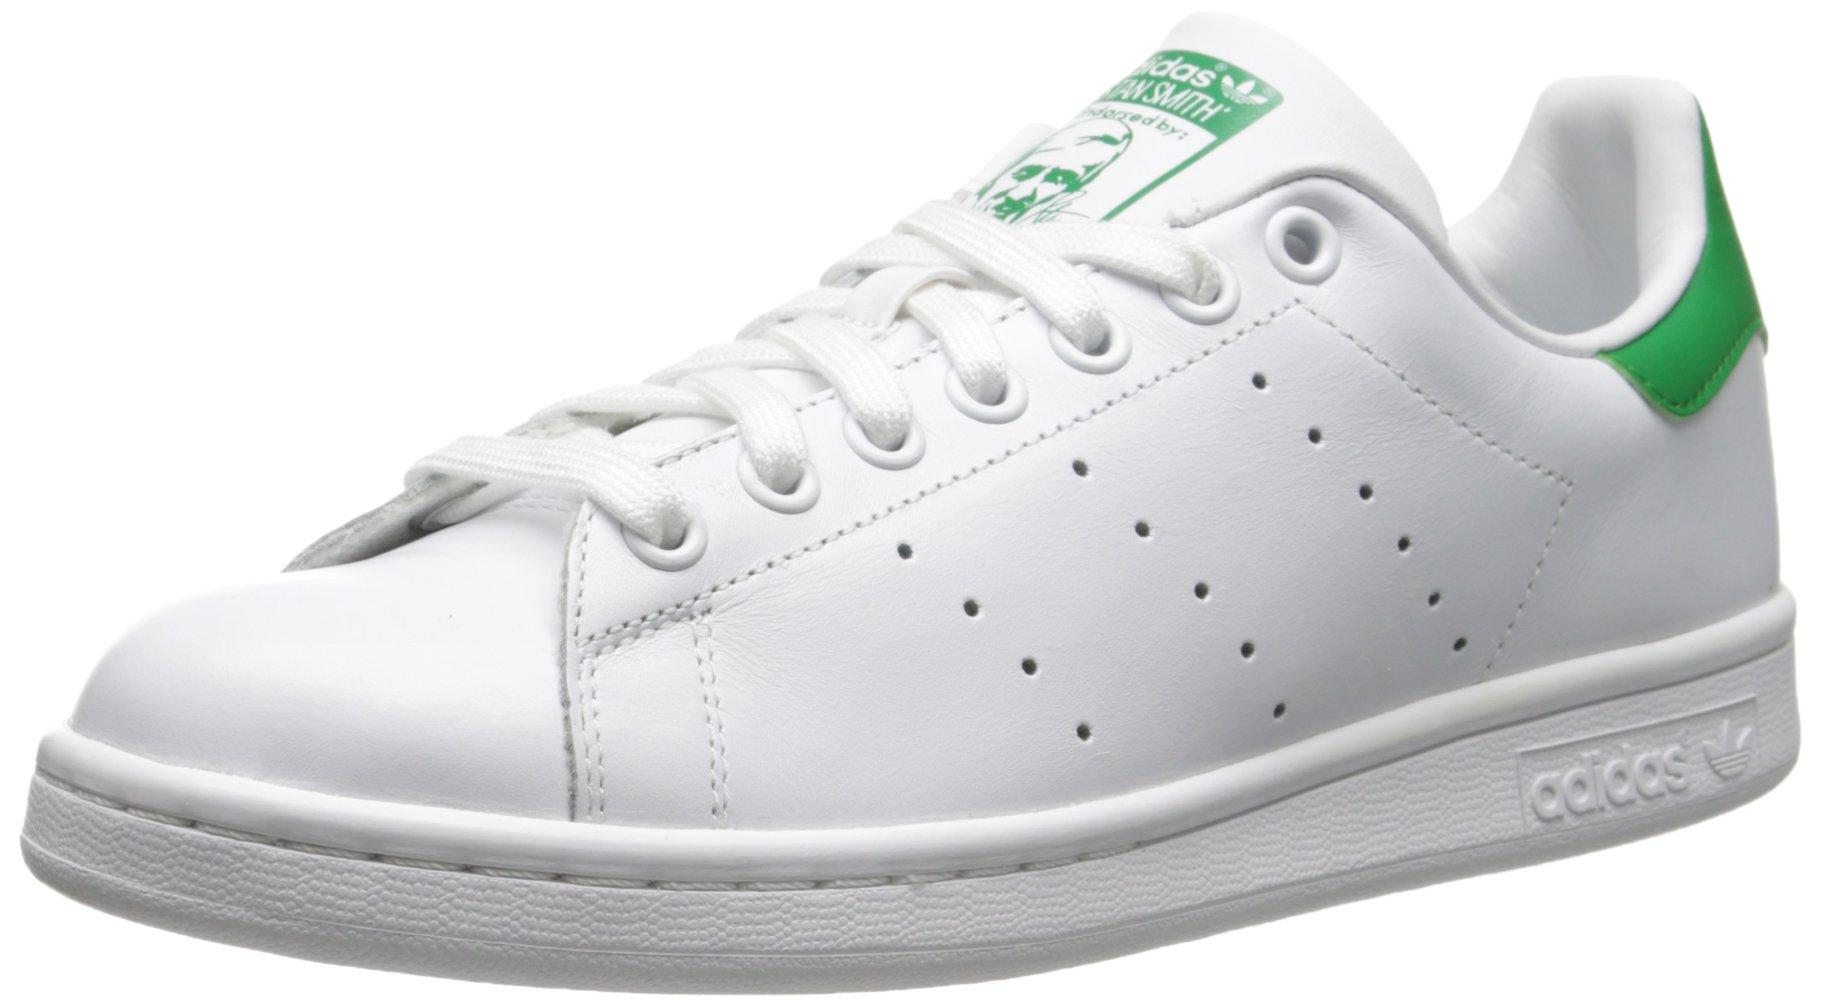 (アディダス) adidas オリジナルス Originals STAN SMITH スニーカー スタンスミス レザー メンズ M20324 ホワイト × グリーン (並行輸入品)